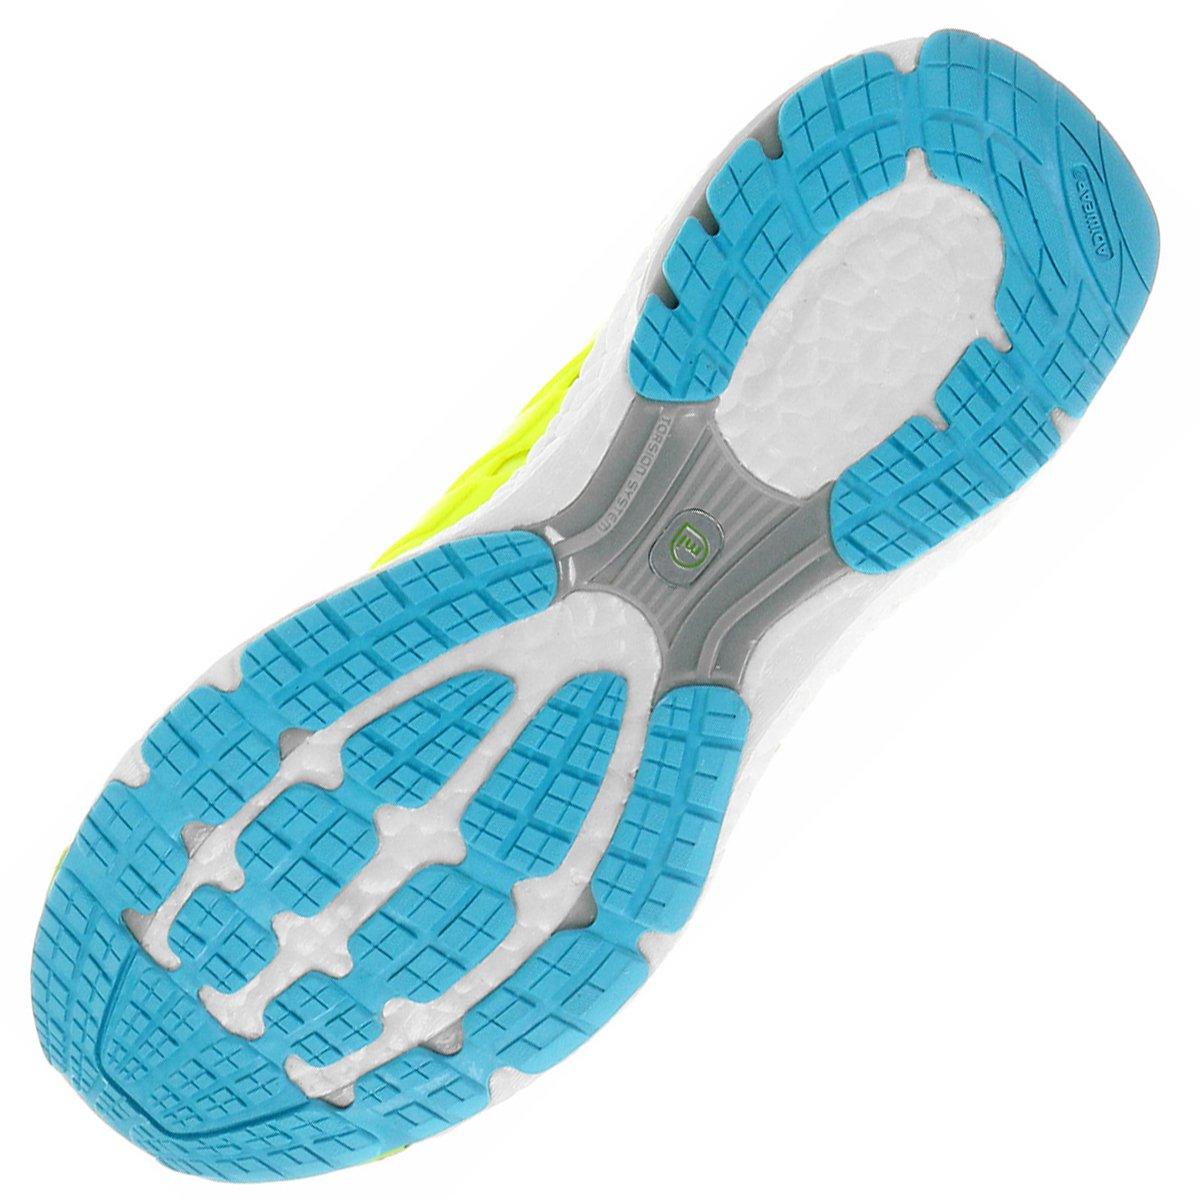 654fc0c56e Tênis Adidas Energy Boost ESM Masculino - Compre Agora